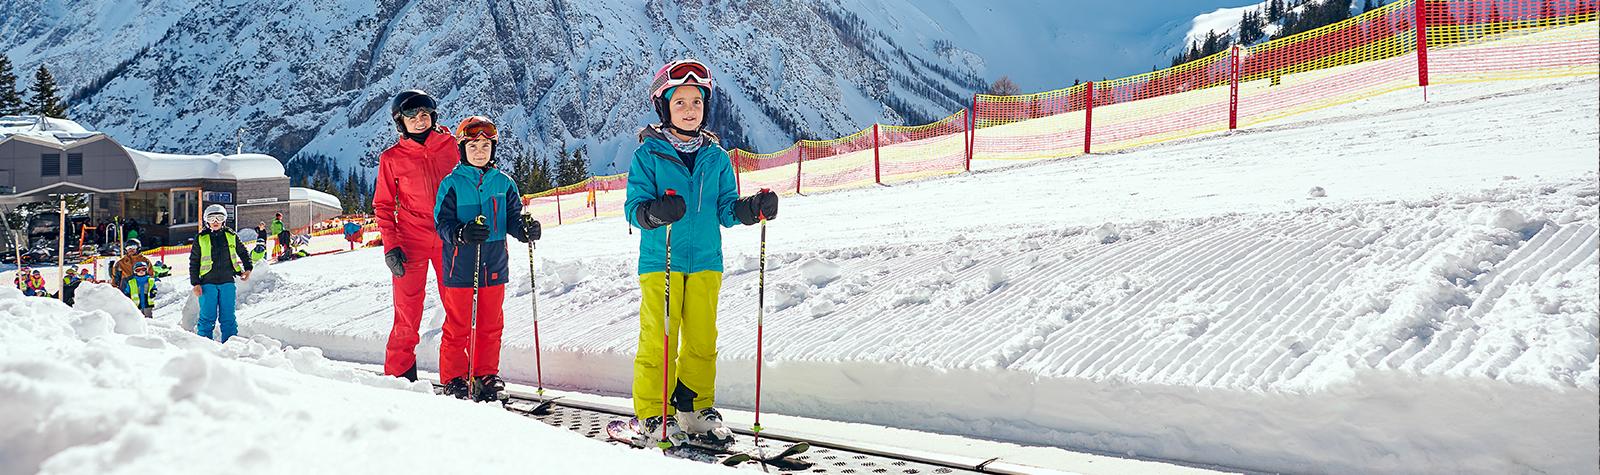 Einsteigerlifte & Pisten im Skigebiet Brandnertal